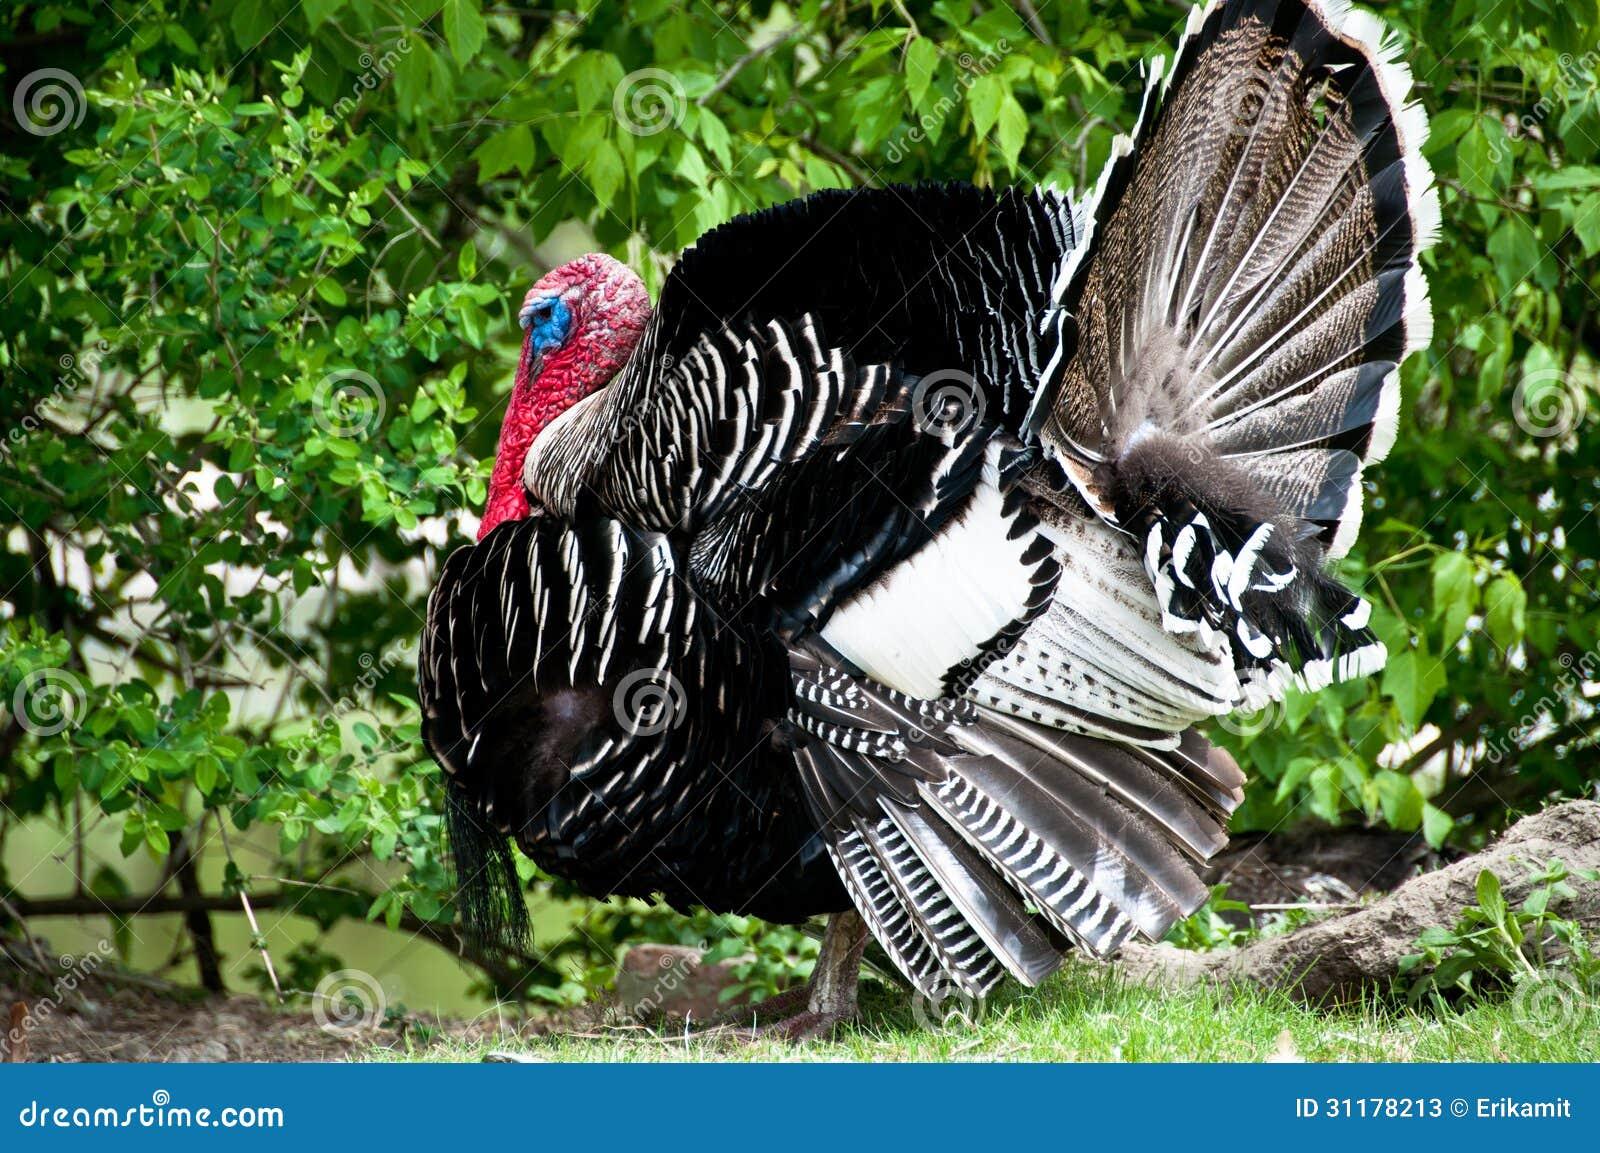 Narragansett turkey in full strut